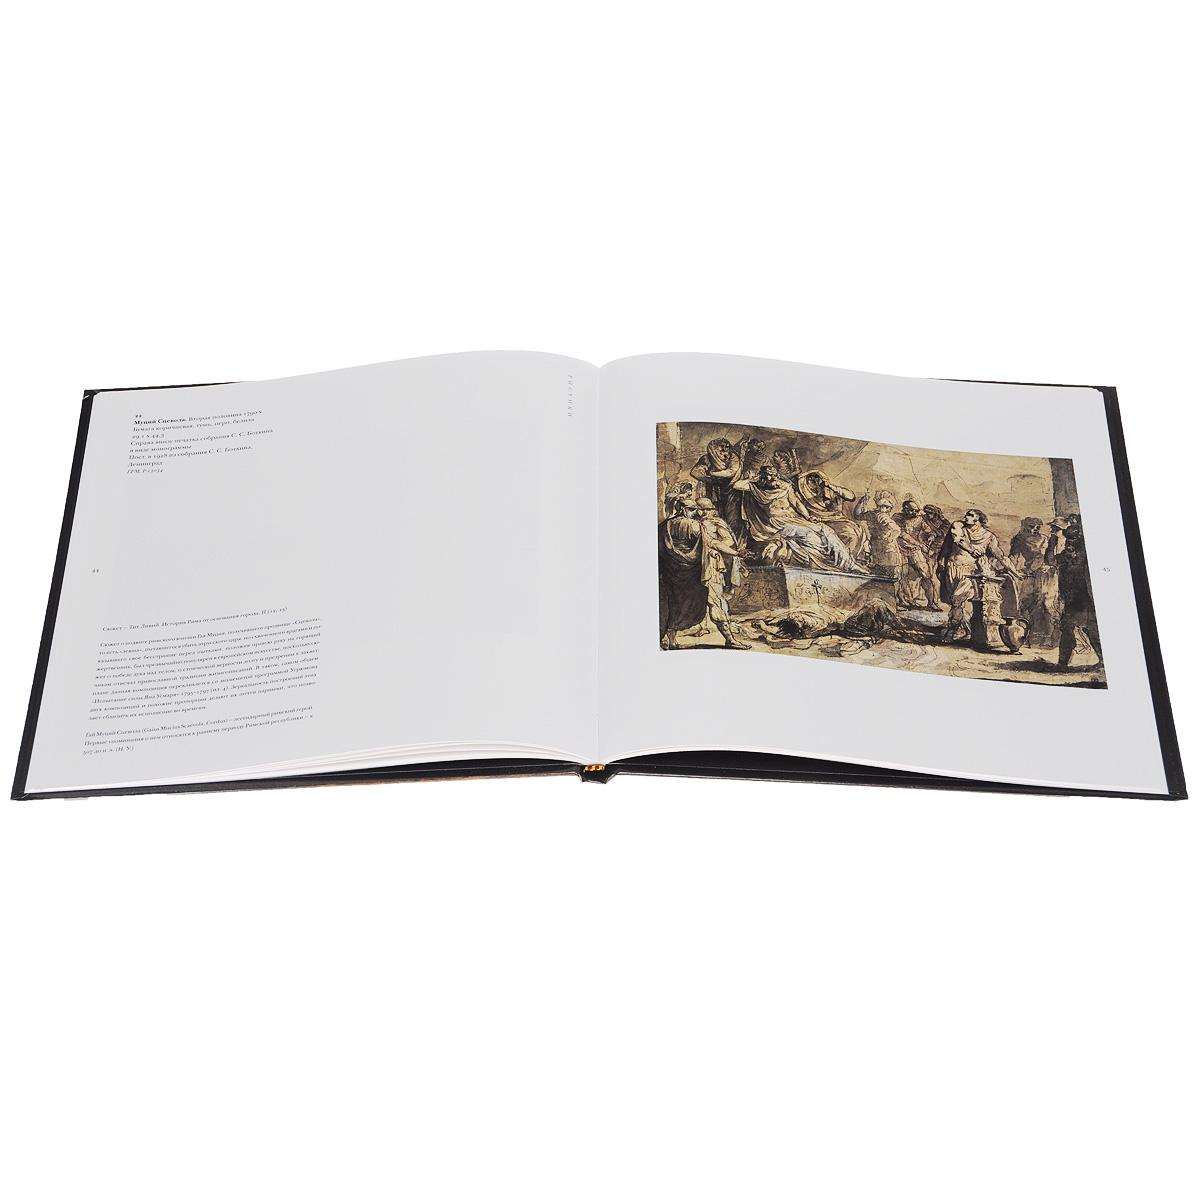 Государственный Русский музей. Альманах, №430, 2014. Григорий Угрюмов